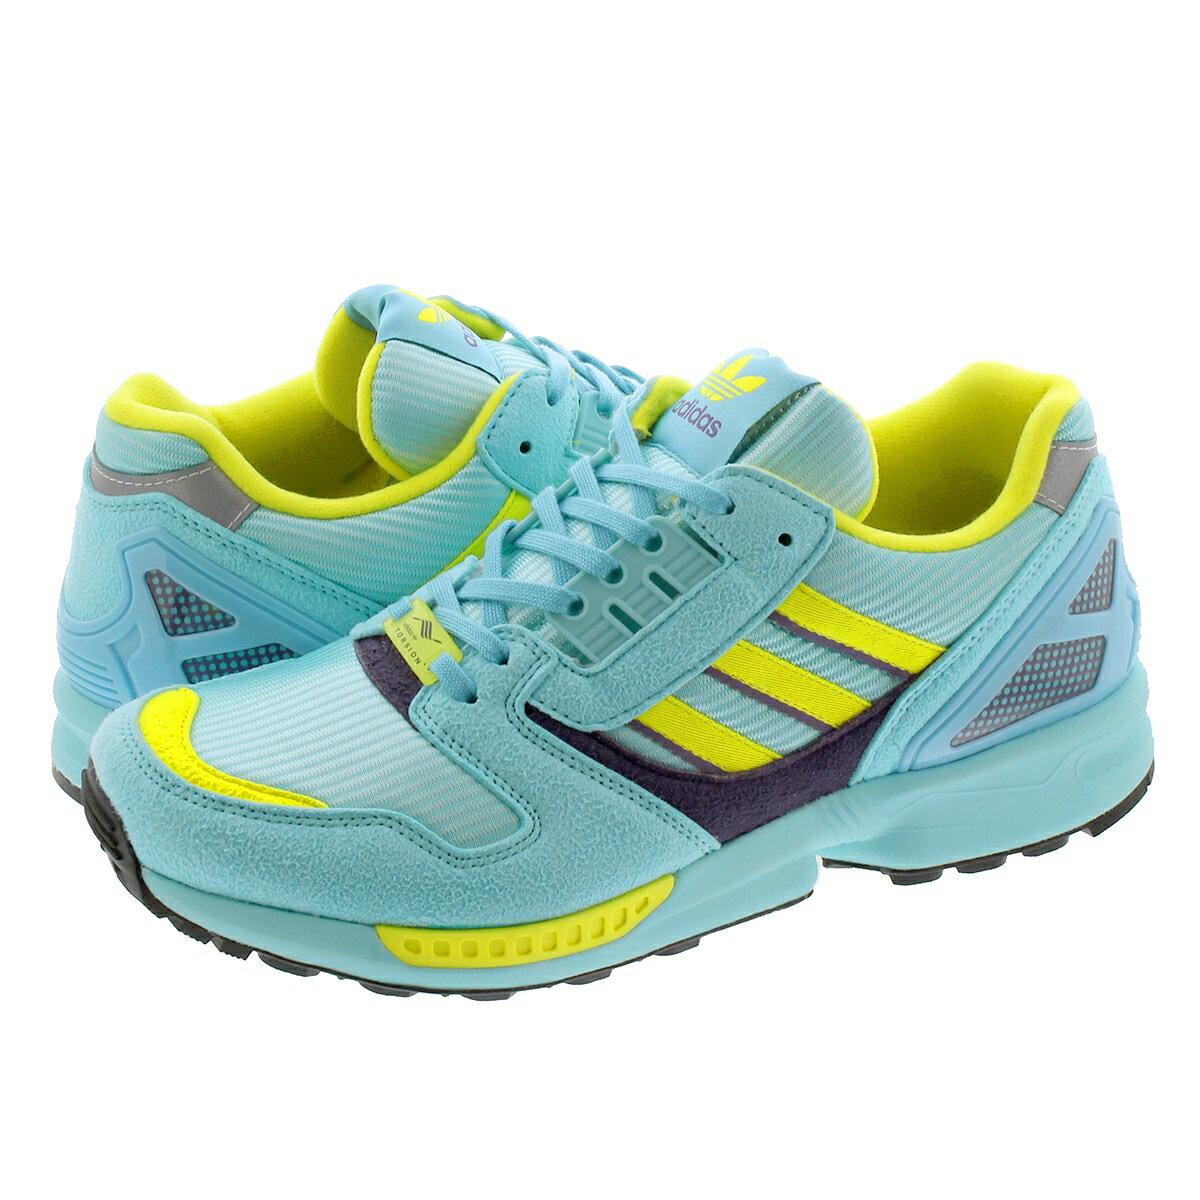 メンズ靴, スニーカー  adidas ZX 8000 ZX 8000 CLEAR AQUALIGHT AQUASHOCK YELLOW eg8784